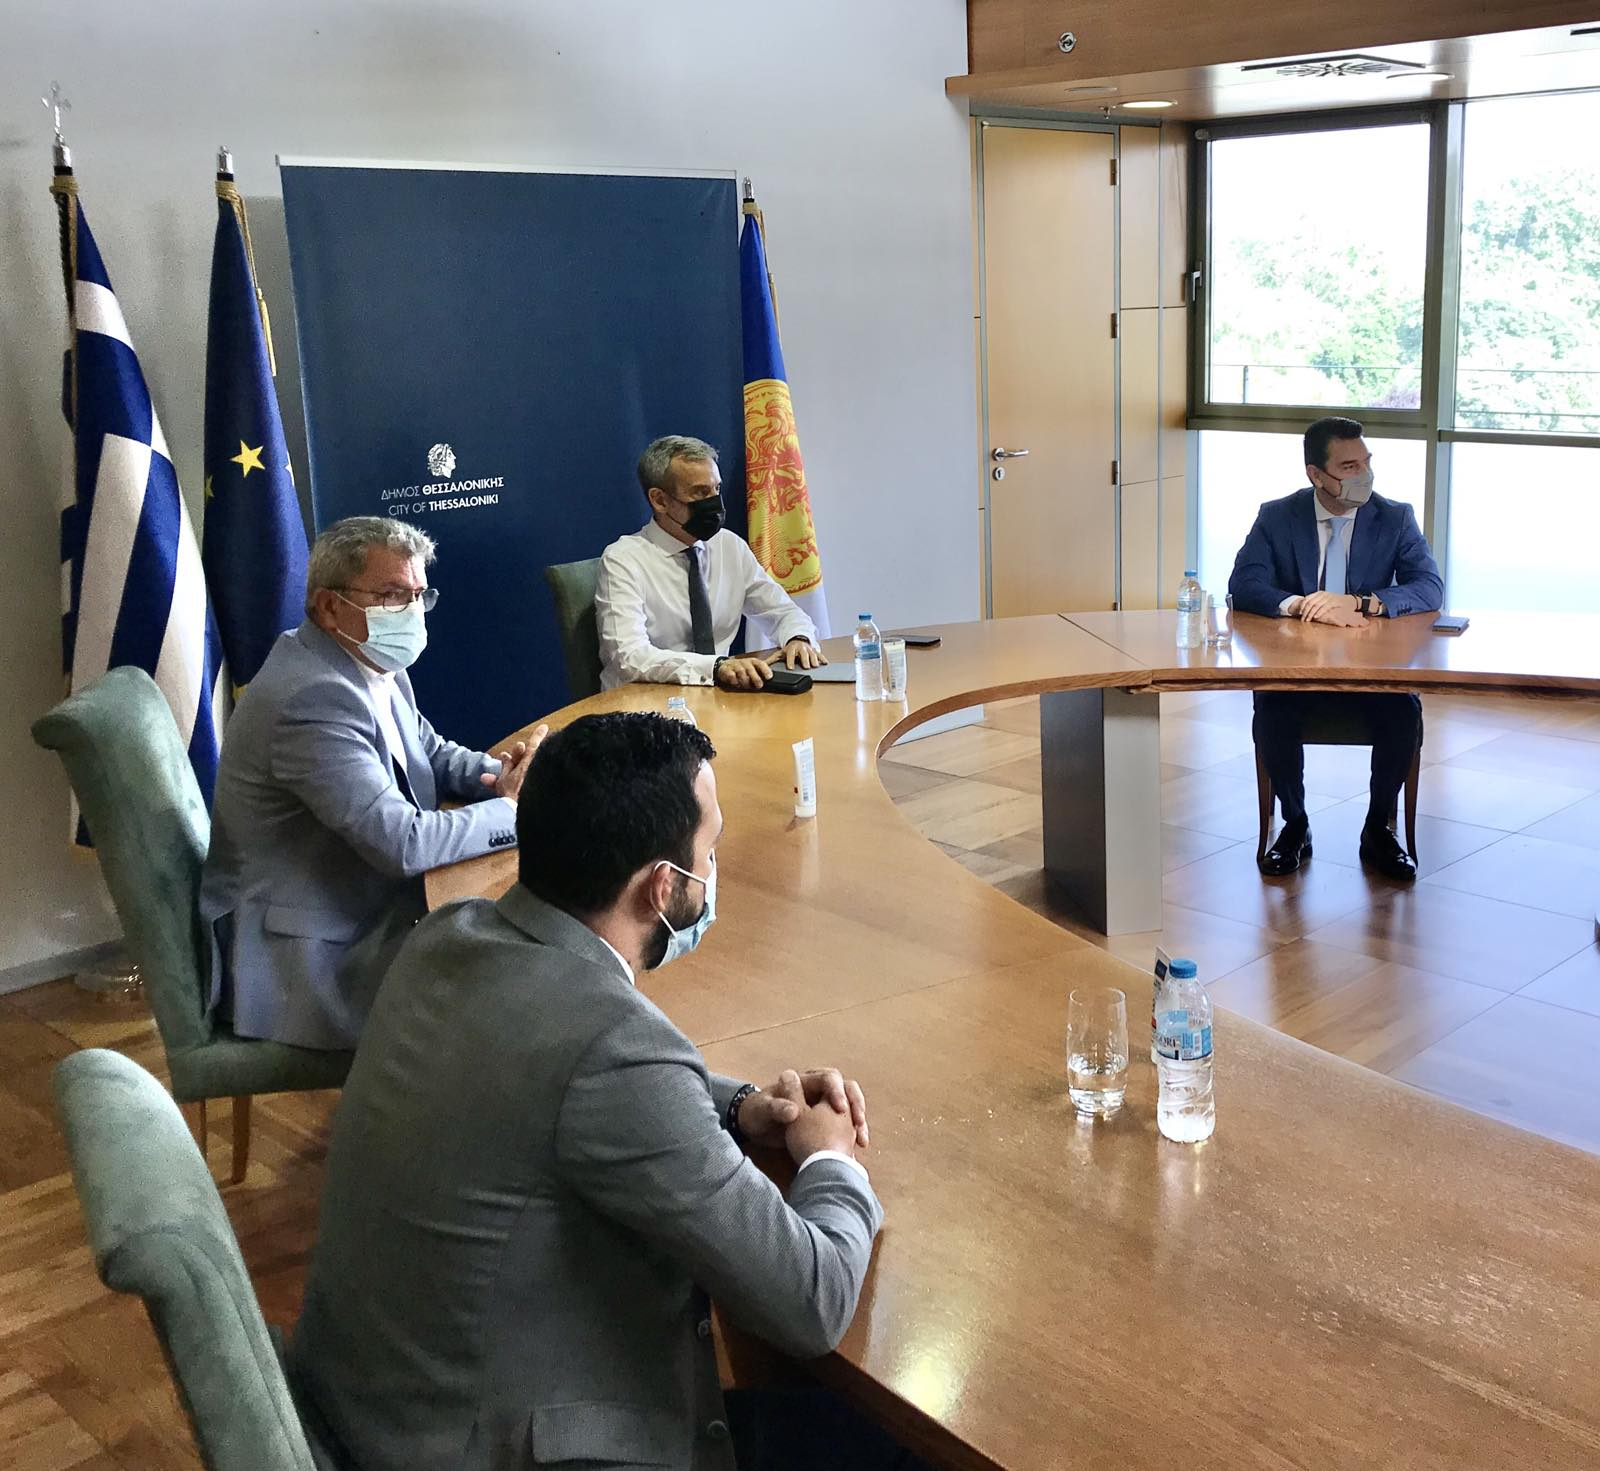 Συνάντηση του Δημάρχου Θεσσαλονίκης Κωνσταντίνου Ζέρβα με τον Υπουργό Περιβάλλοντος και Ενέργειας Κώστα Σκρέκα